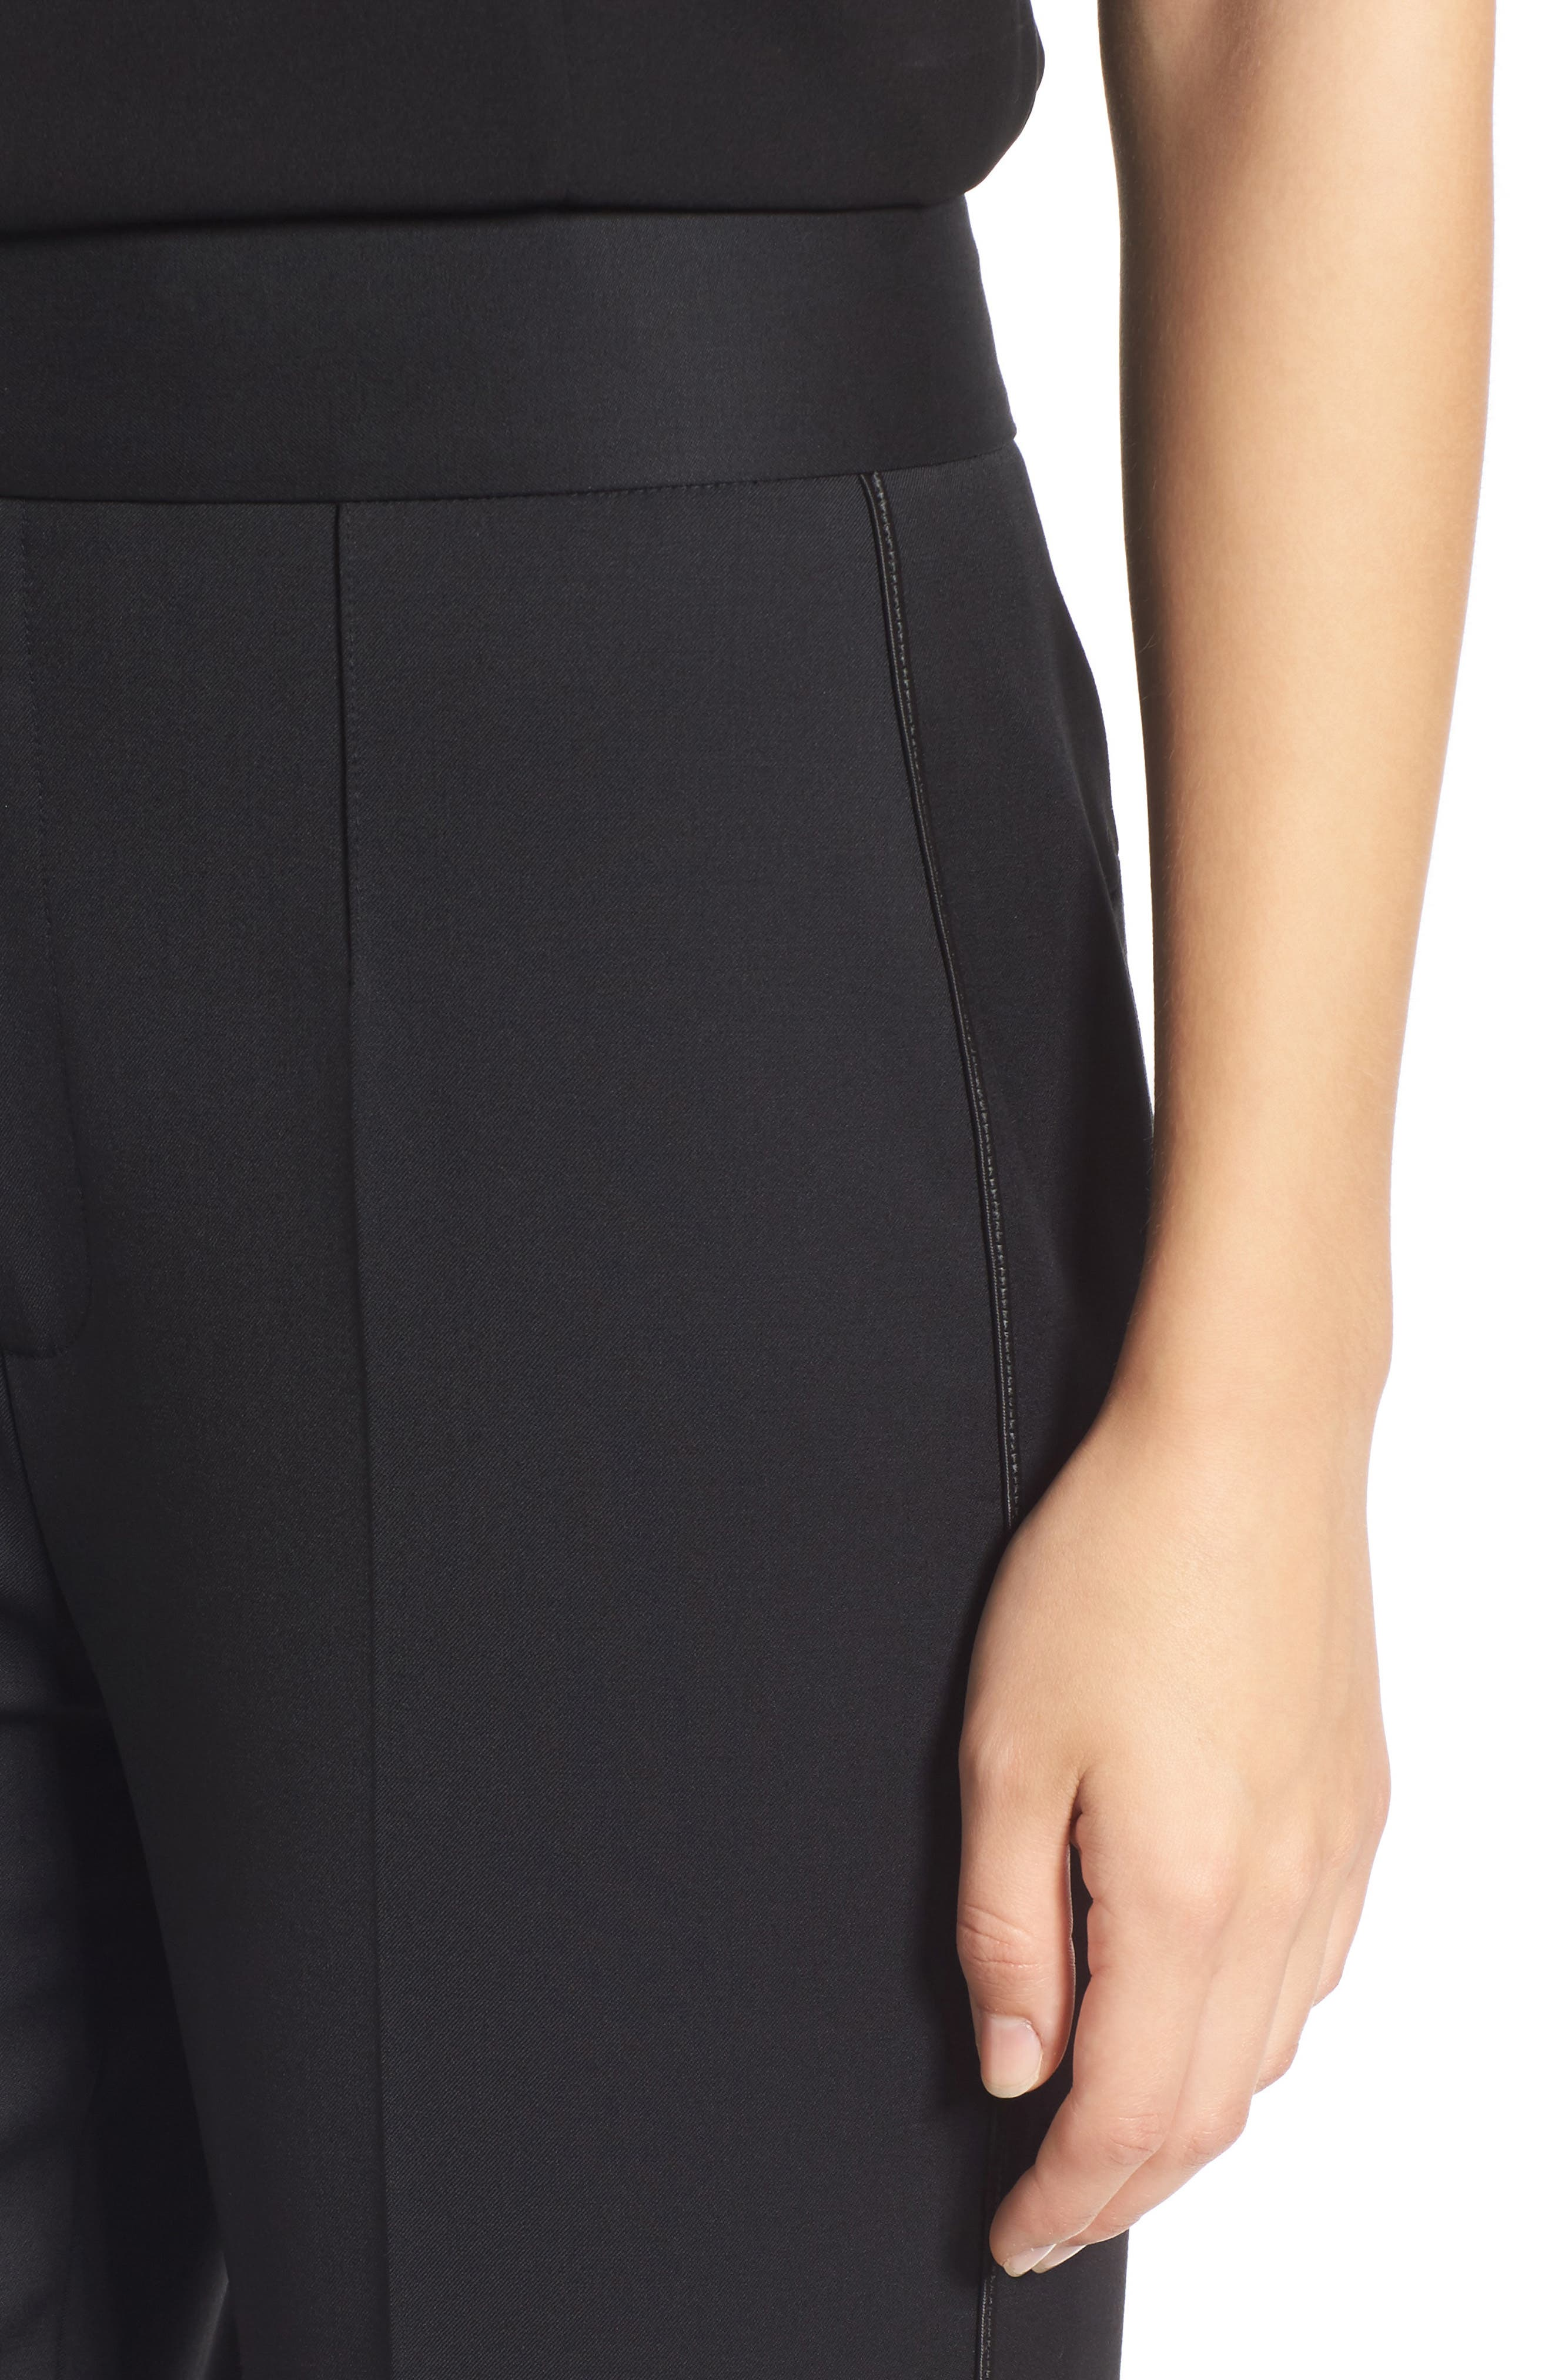 Tuxedo Detail Suit Trousers,                             Alternate thumbnail 4, color,                             001